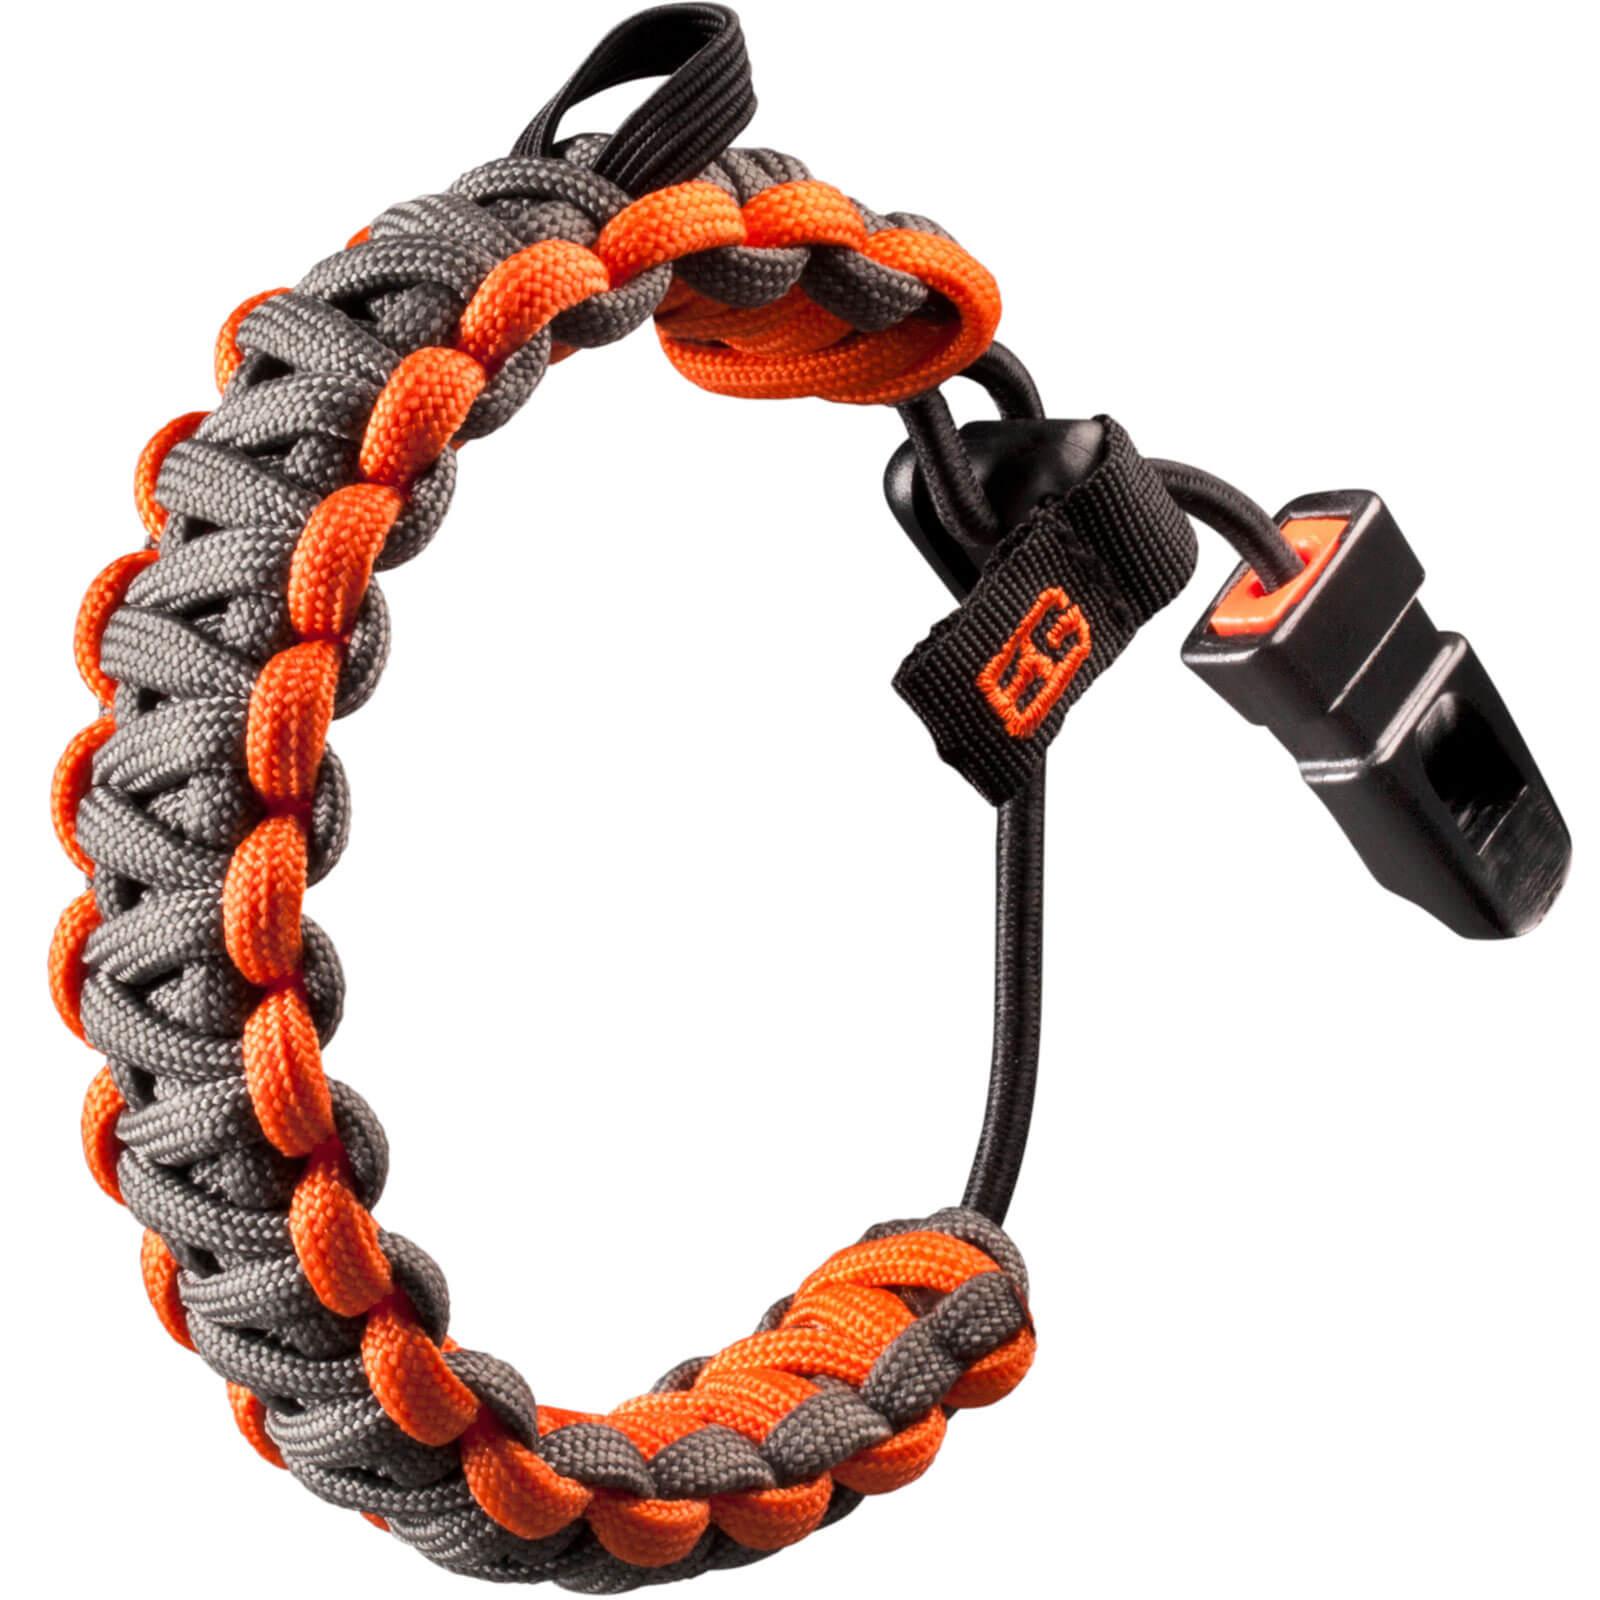 Image of Gerber Bear Grylls Survival Bracelet